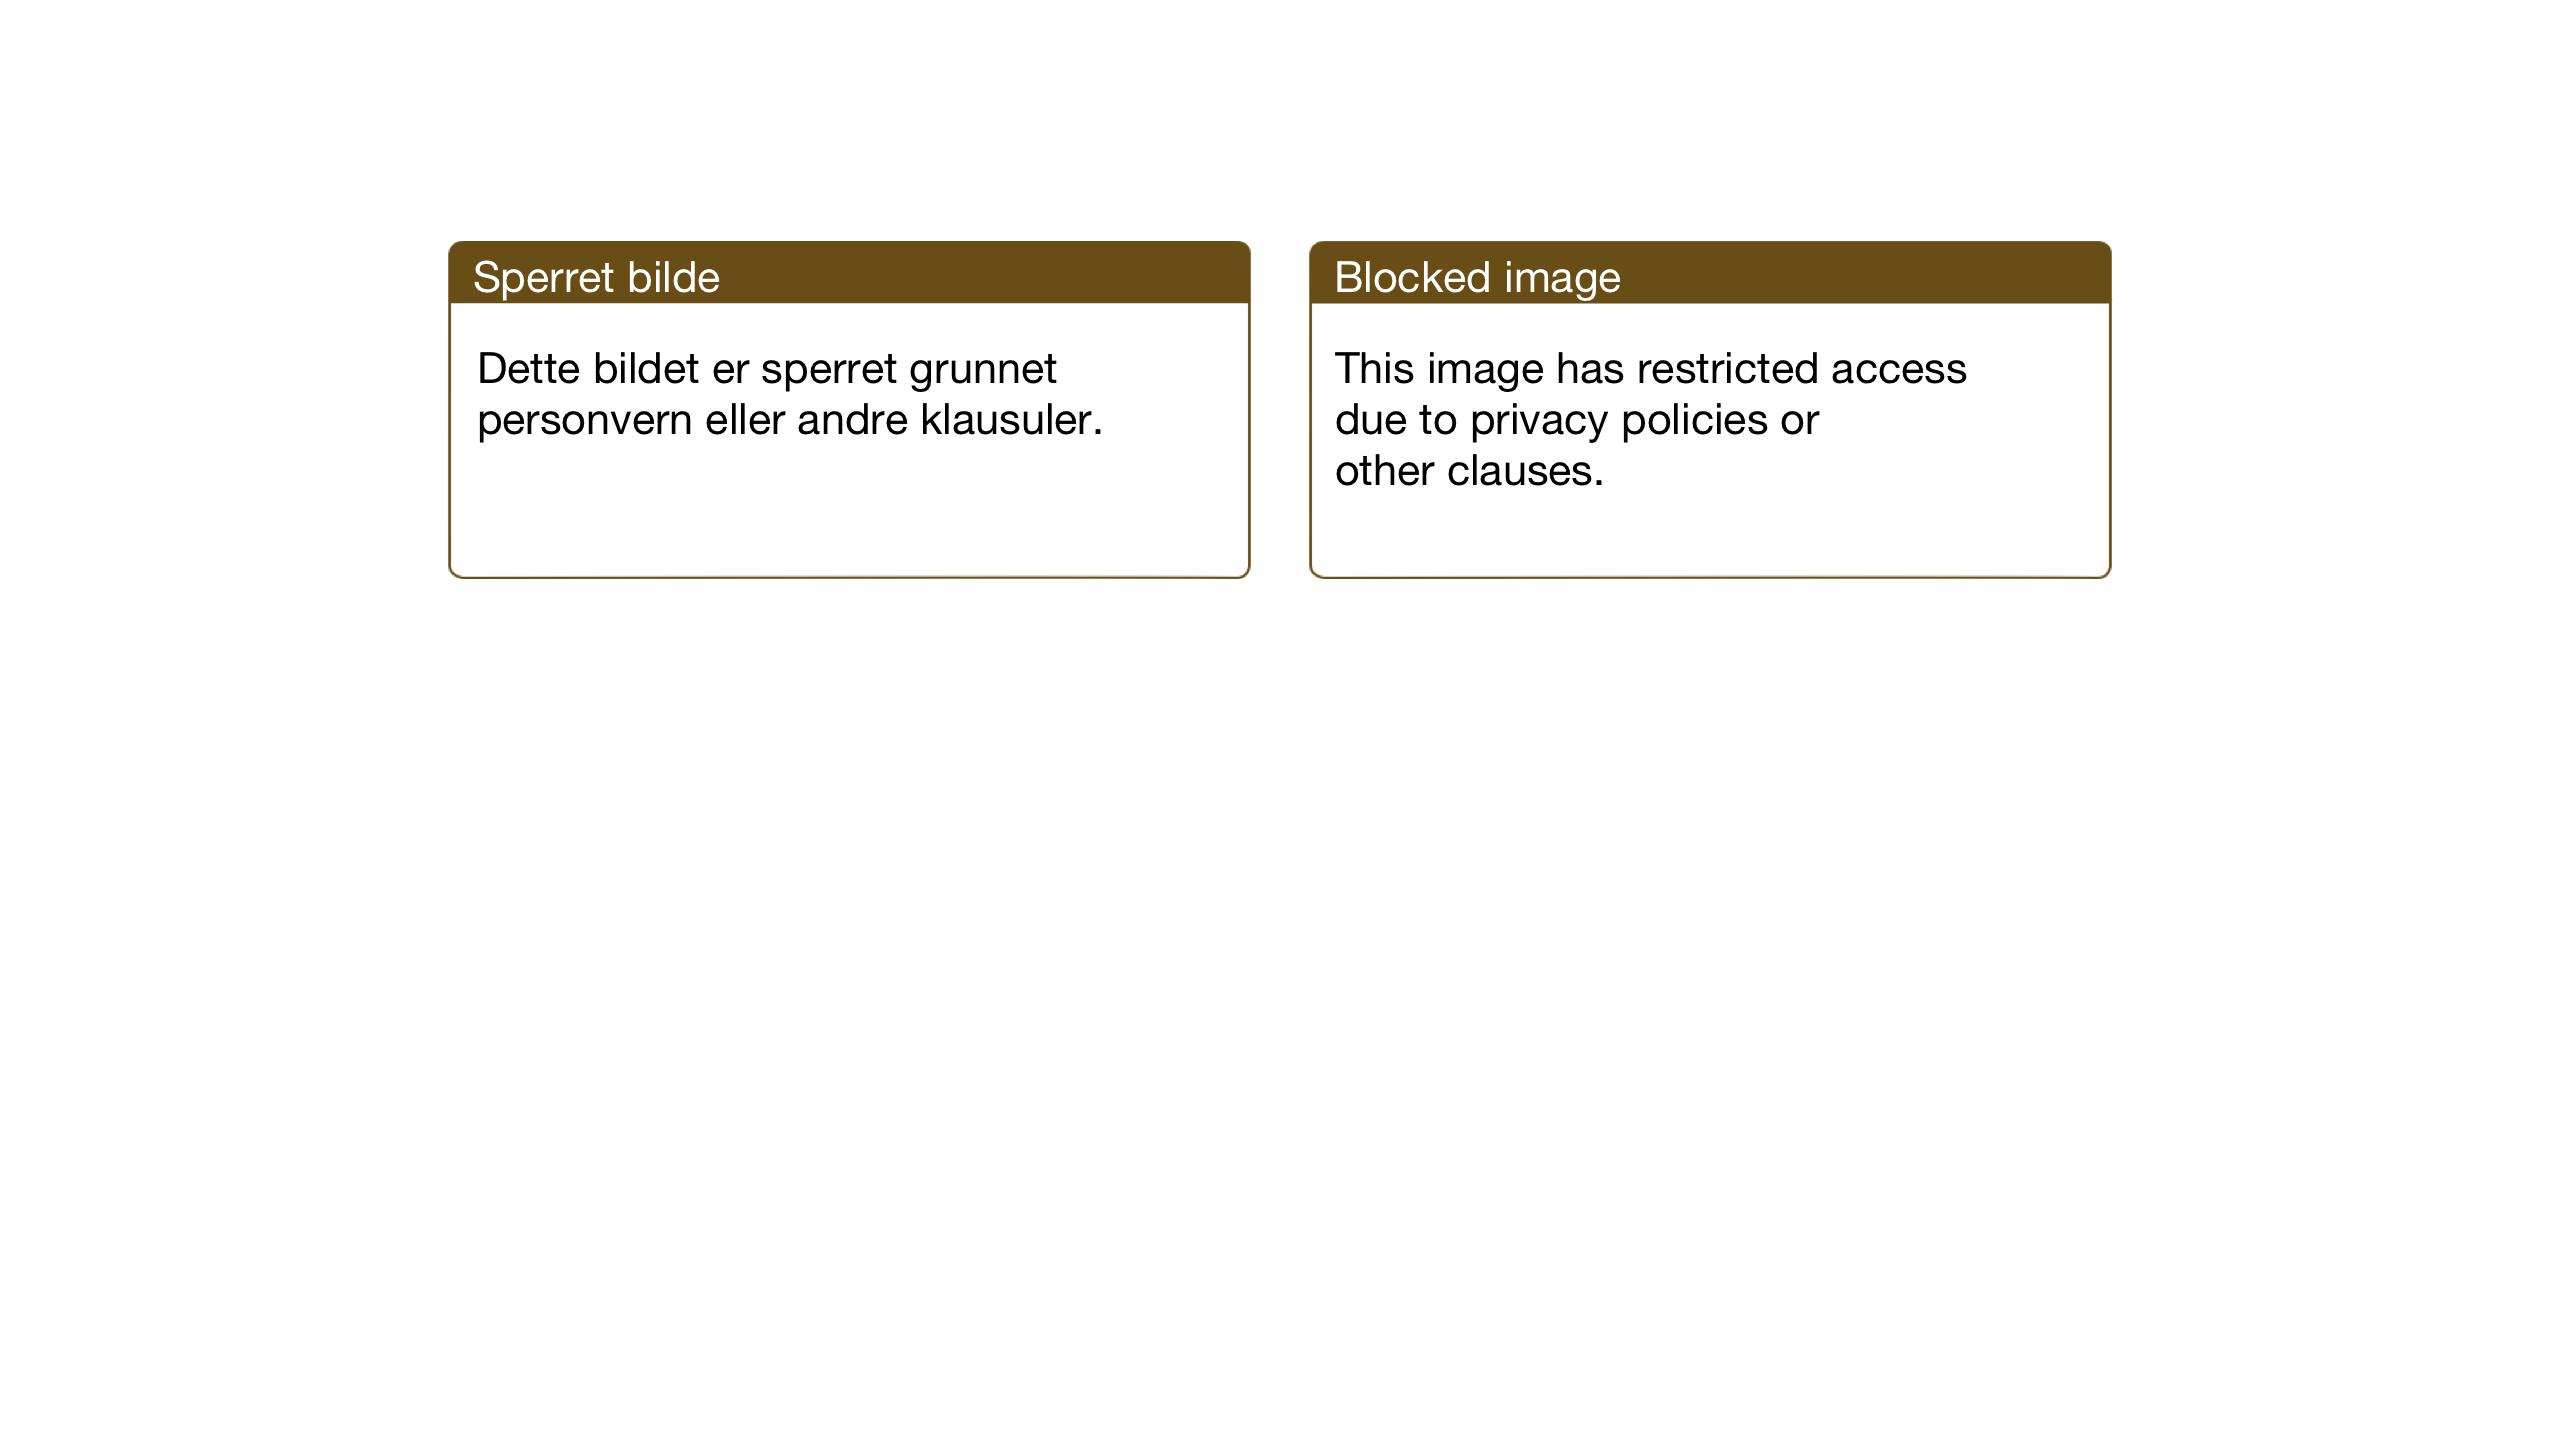 SAT, Ministerialprotokoller, klokkerbøker og fødselsregistre - Sør-Trøndelag, 616/L0424: Klokkerbok nr. 616C07, 1904-1940, s. 53